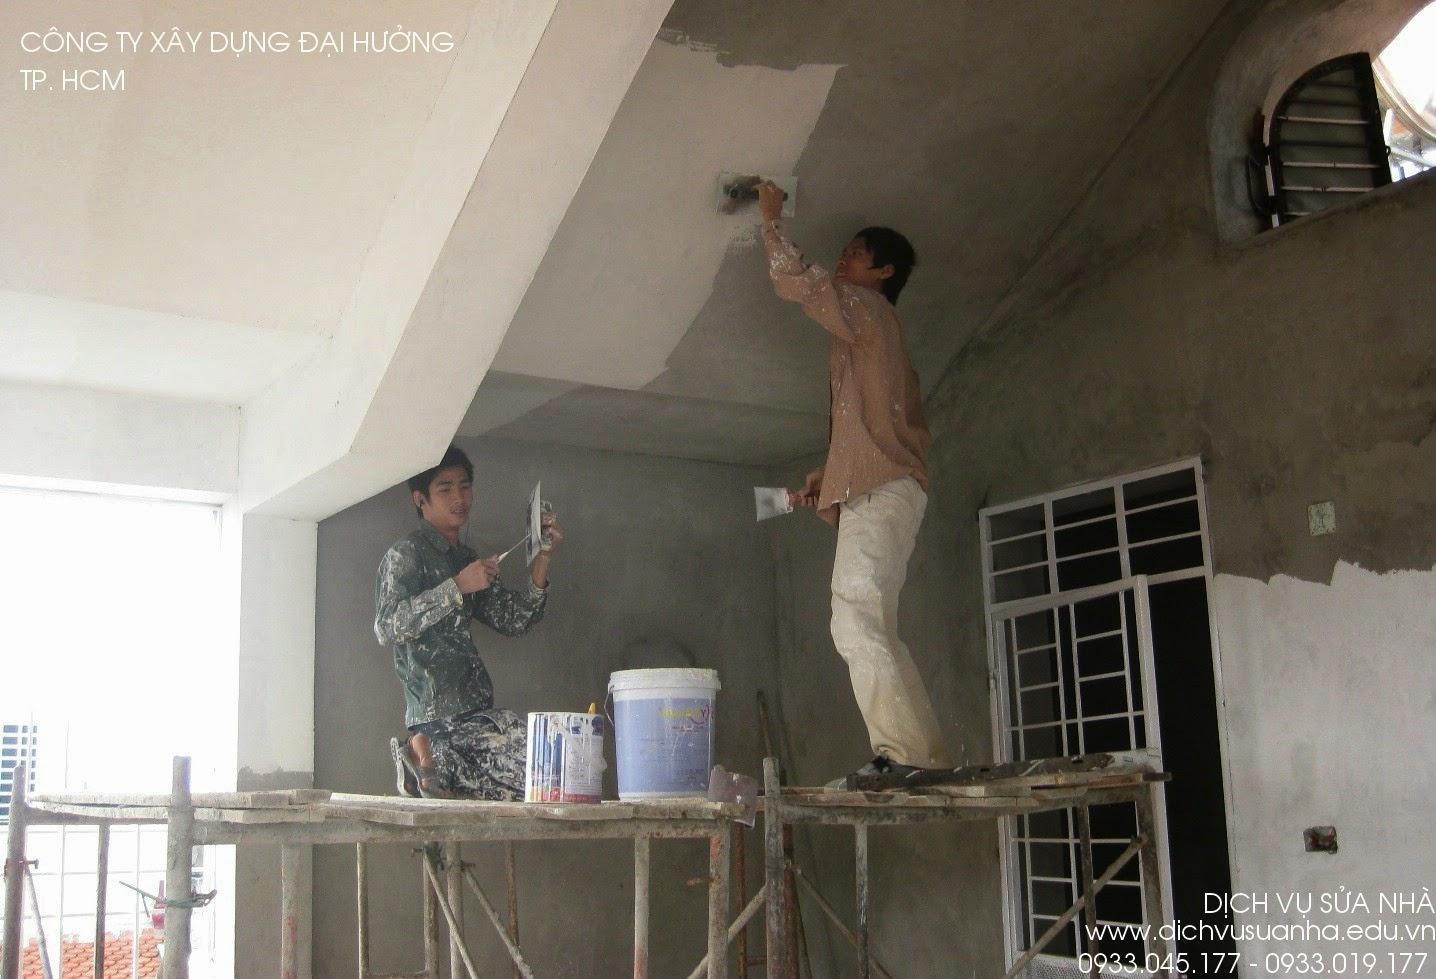 Sửa nhà Quận 10 Tp.HCM